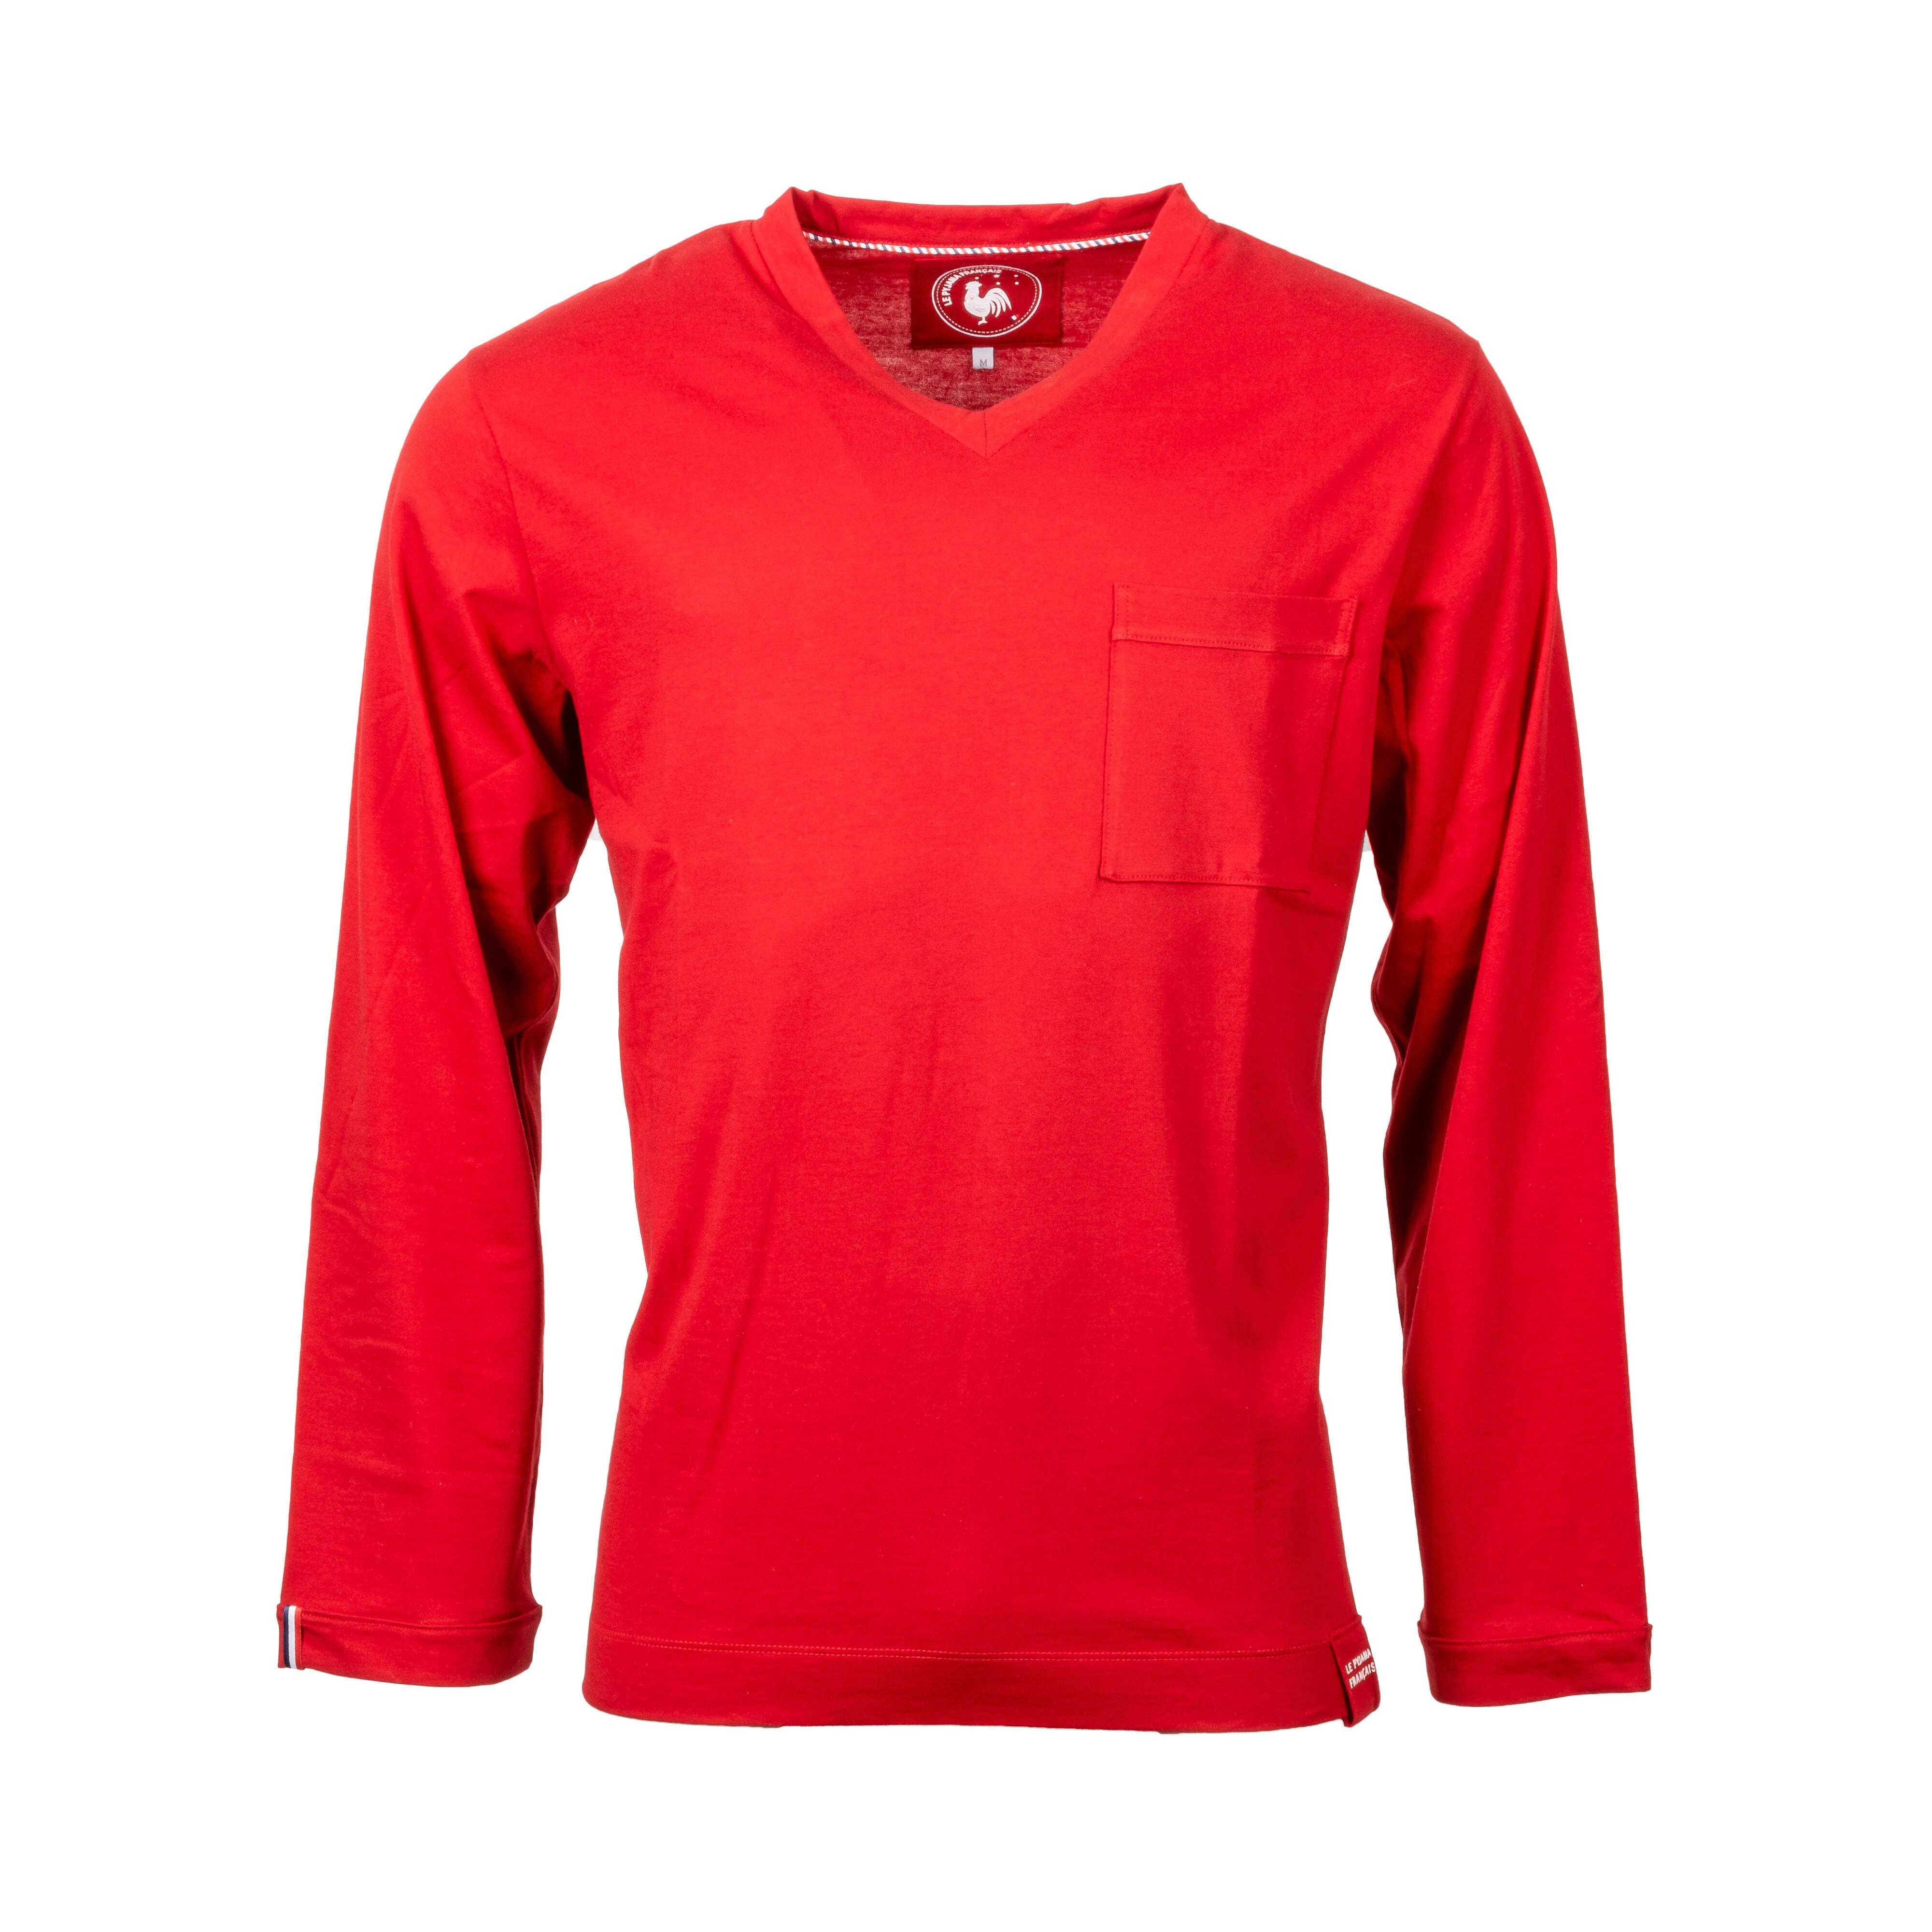 Le Pyjama Français Tee-shirt de pyjama manches longues Made in France Le Pyjama Français en coton rouge - ROUGE - M